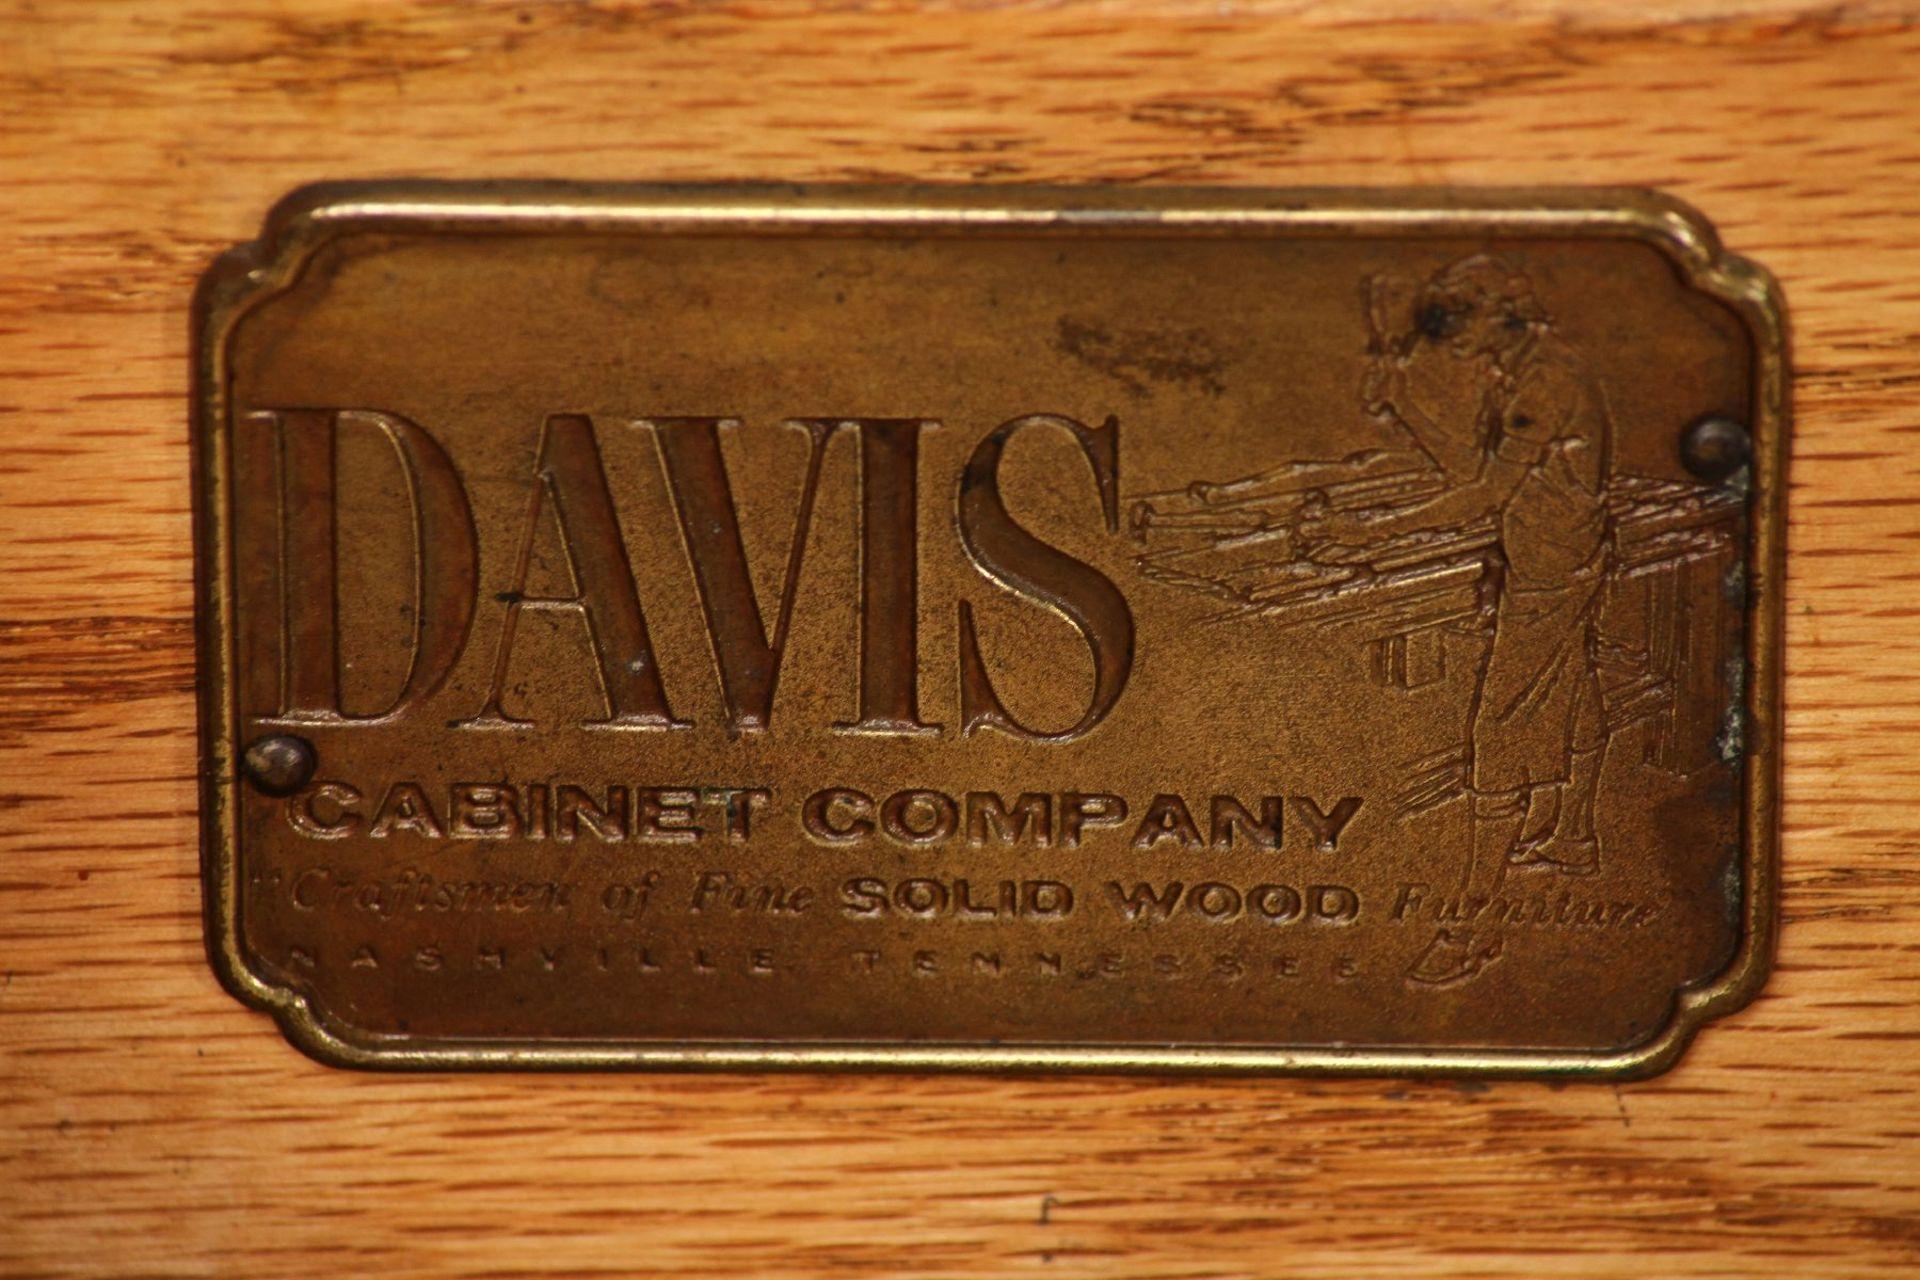 Damenschreibtisch mit Stuhl, 'Davis Cabinet Company', - Image 4 of 6